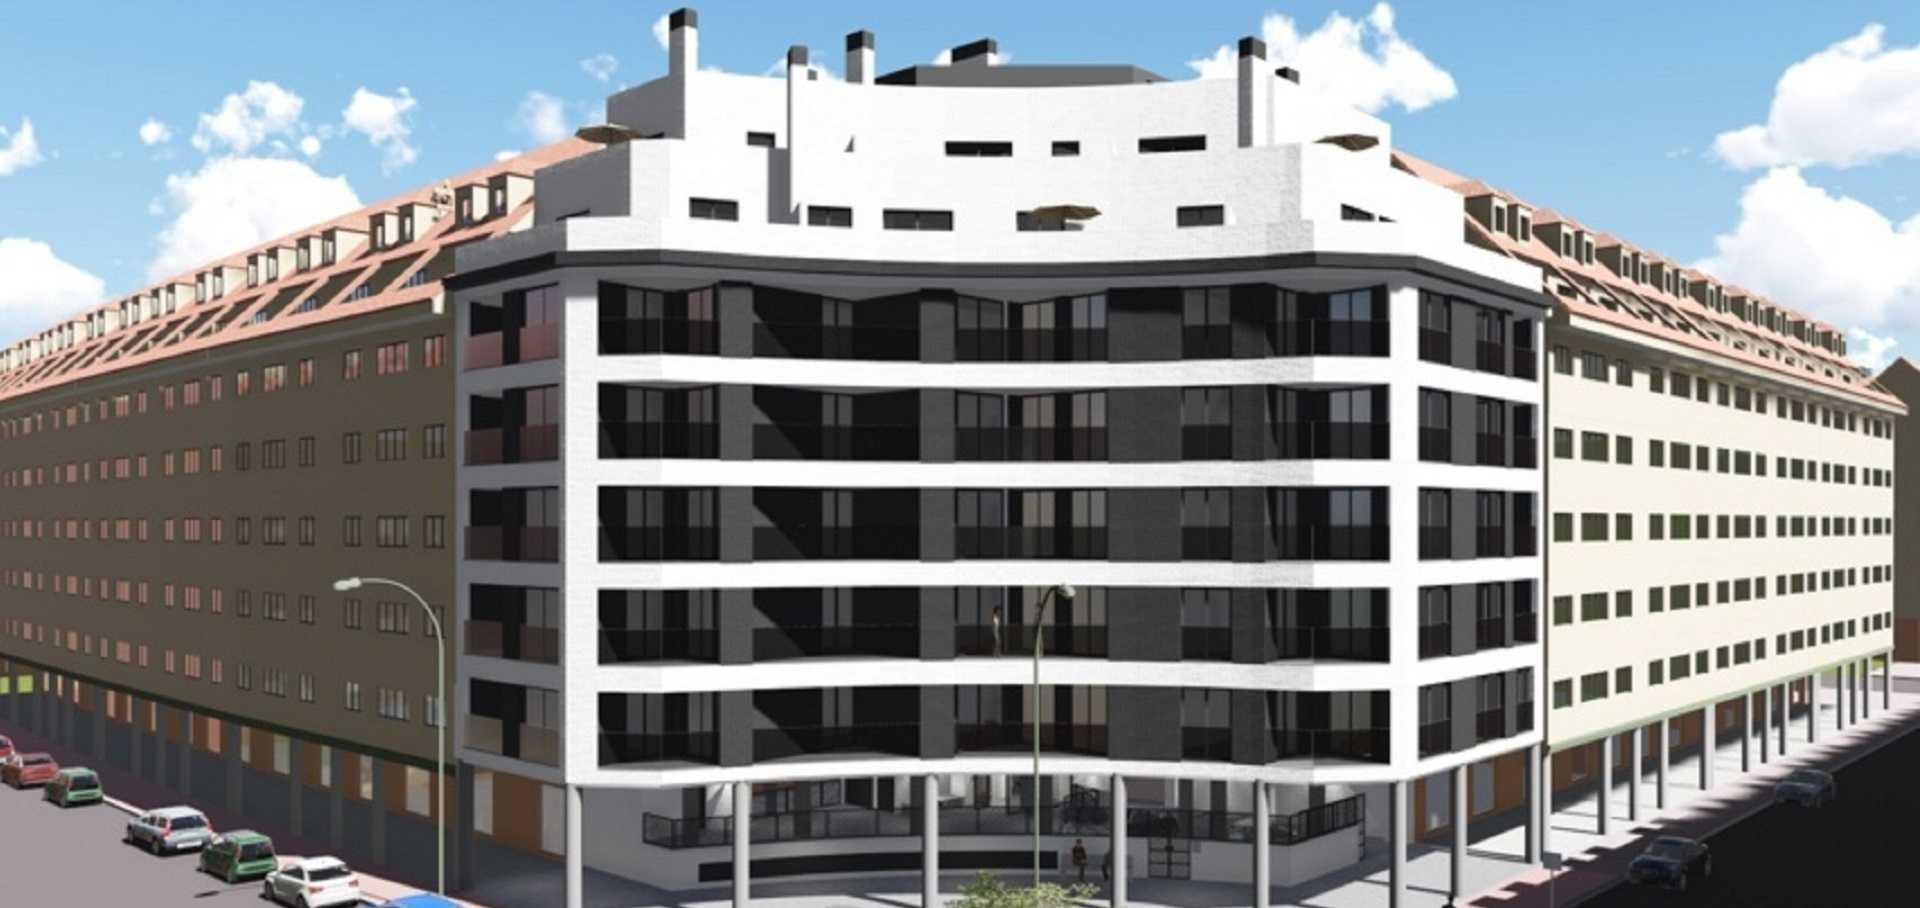 Arquitectos de viviendas de lujo